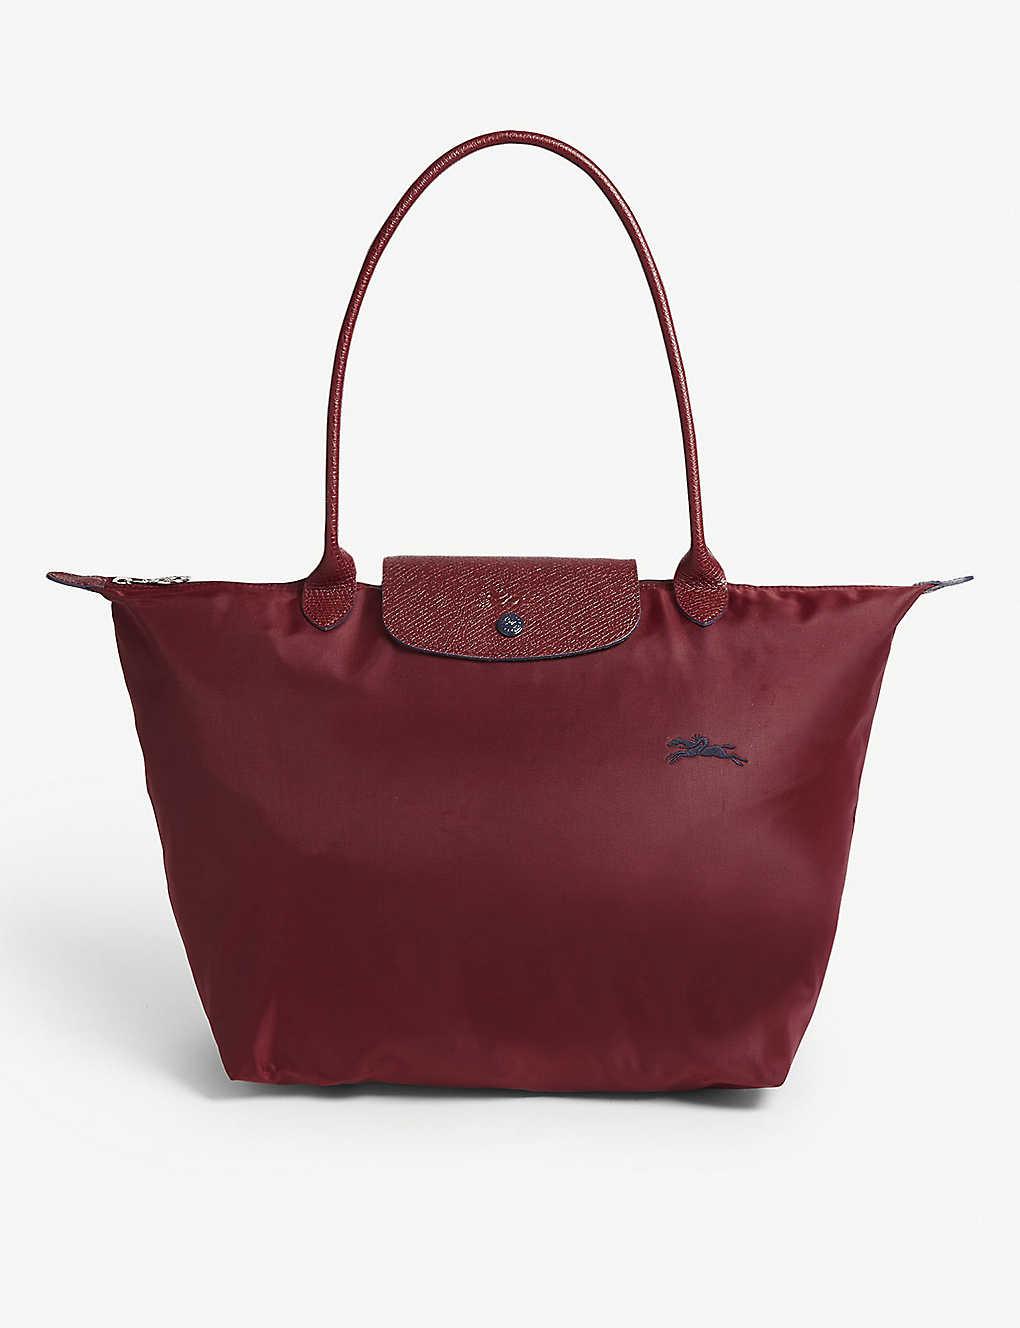 051f7e3988ab LONGCHAMP - Le pliage club large shoulder bag